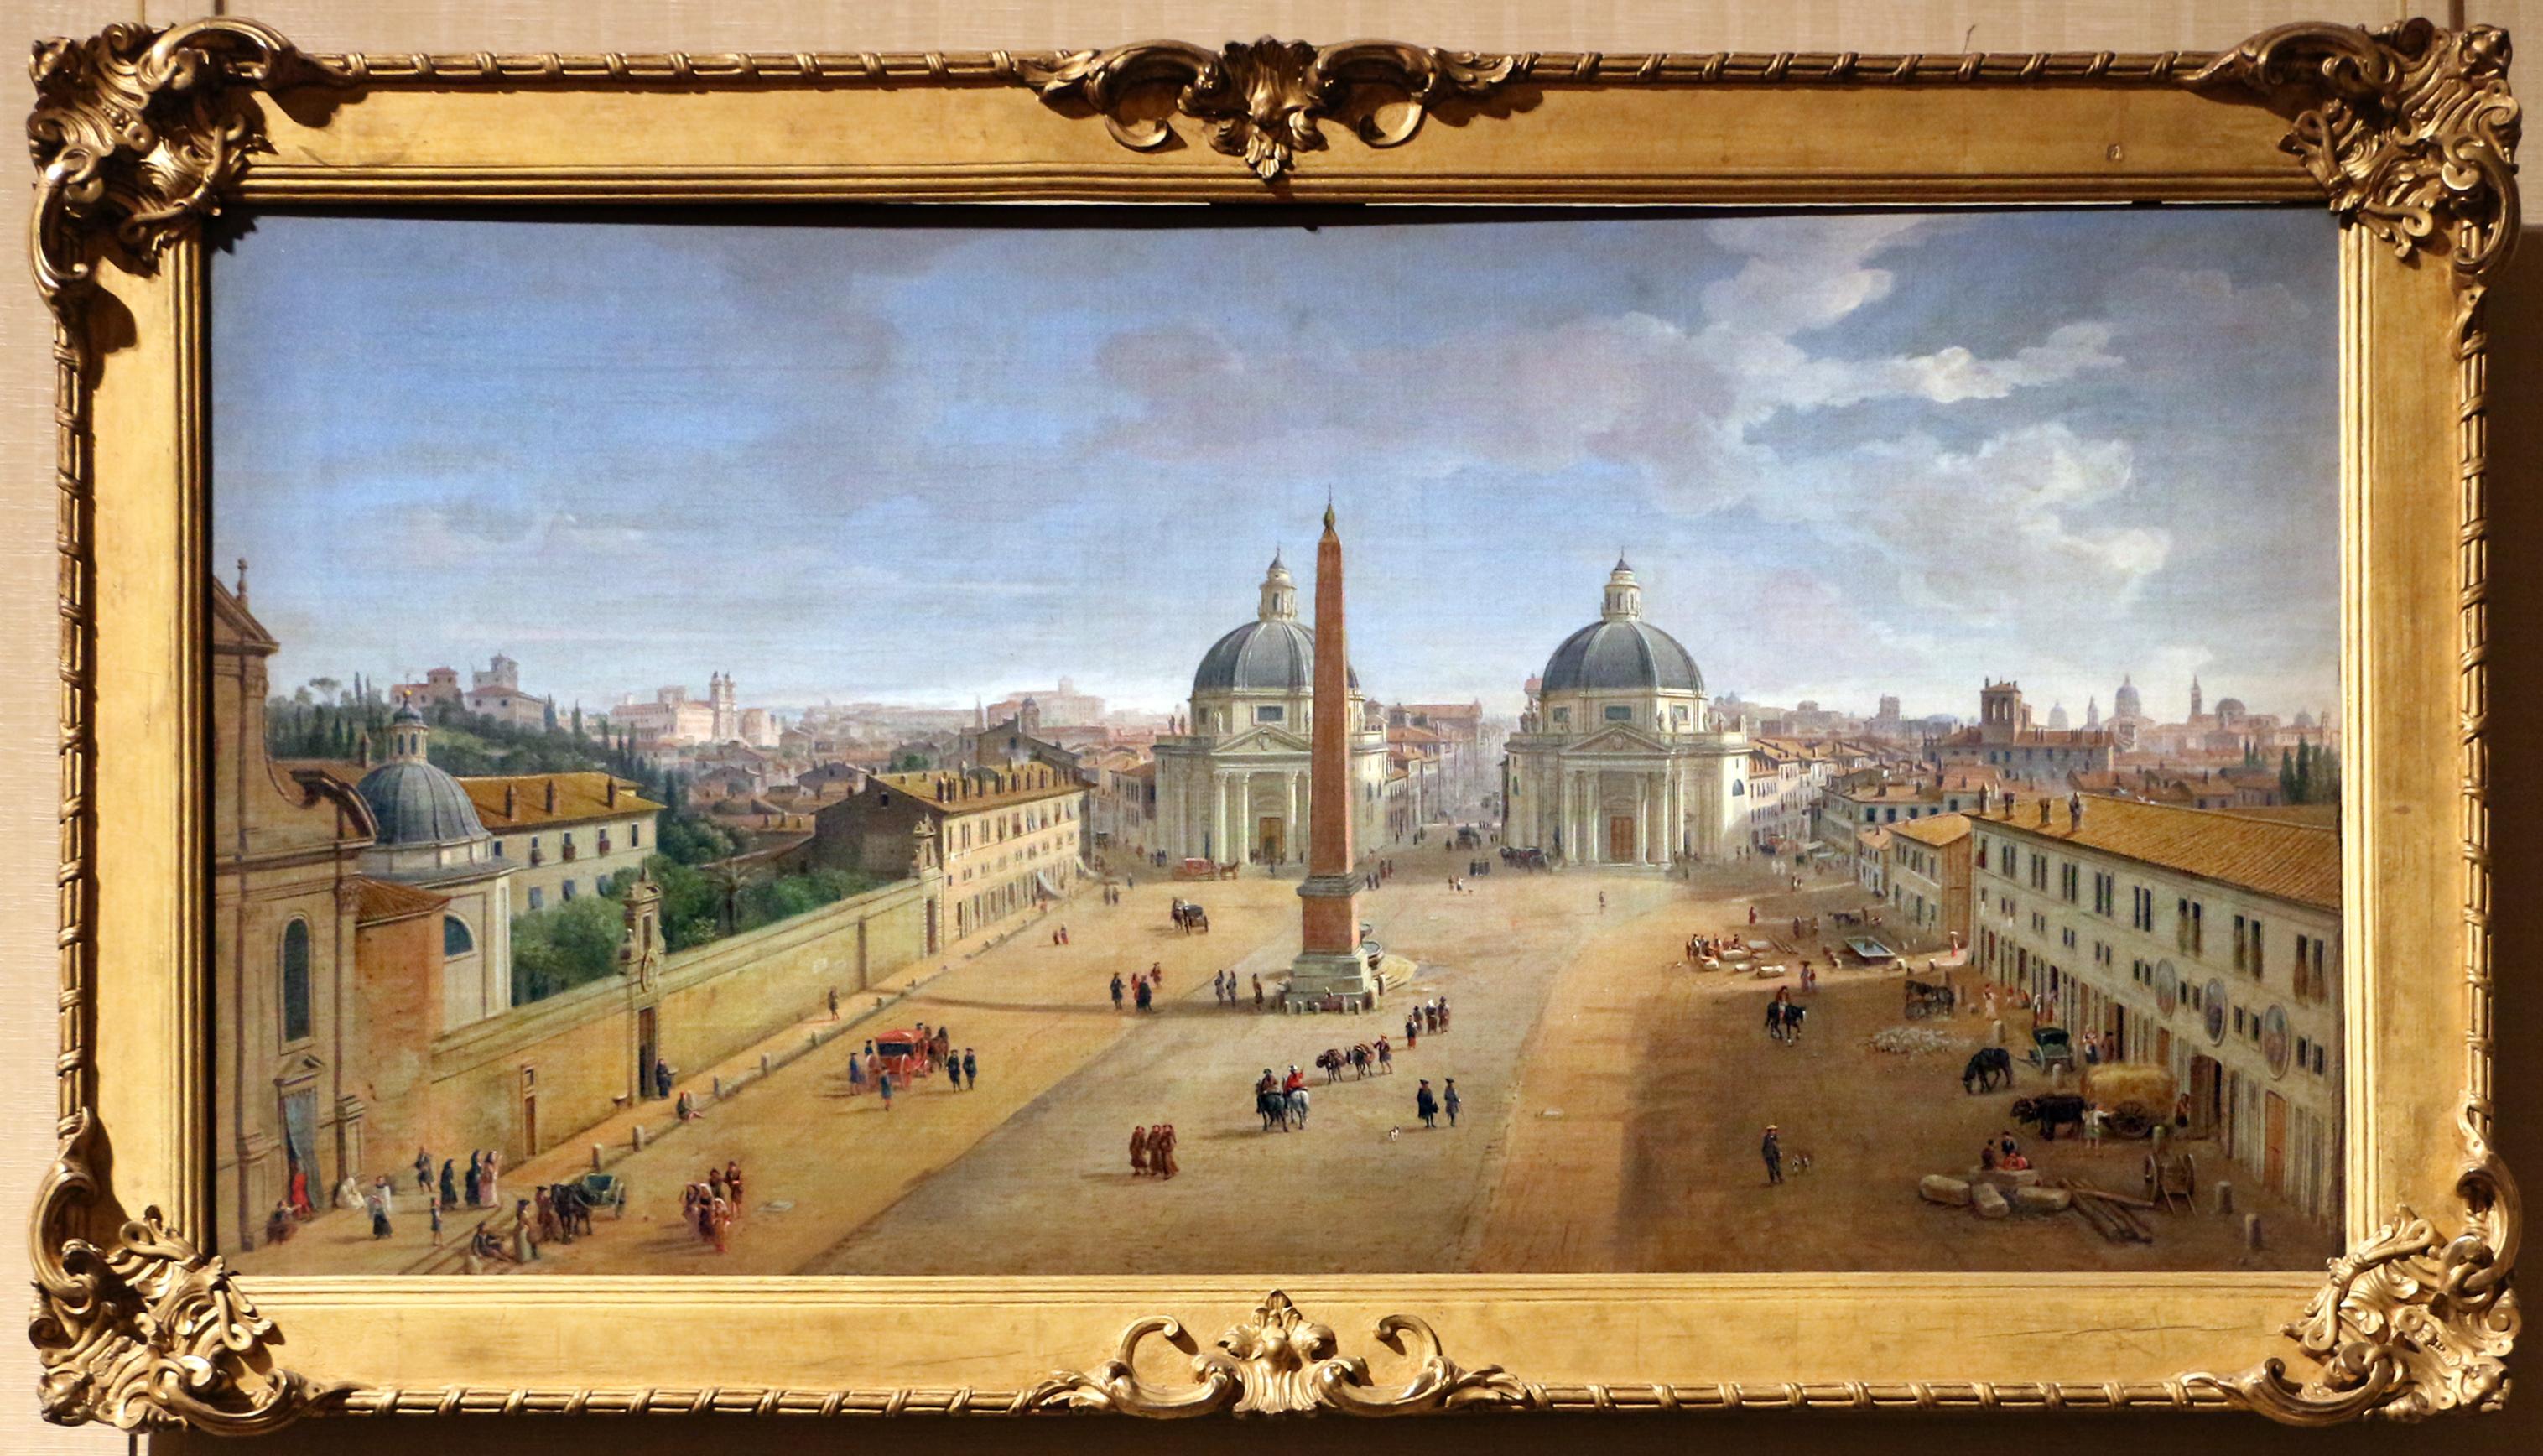 File:Gaspar van wittel, veduta di roma con piazza del popolo, 1718.